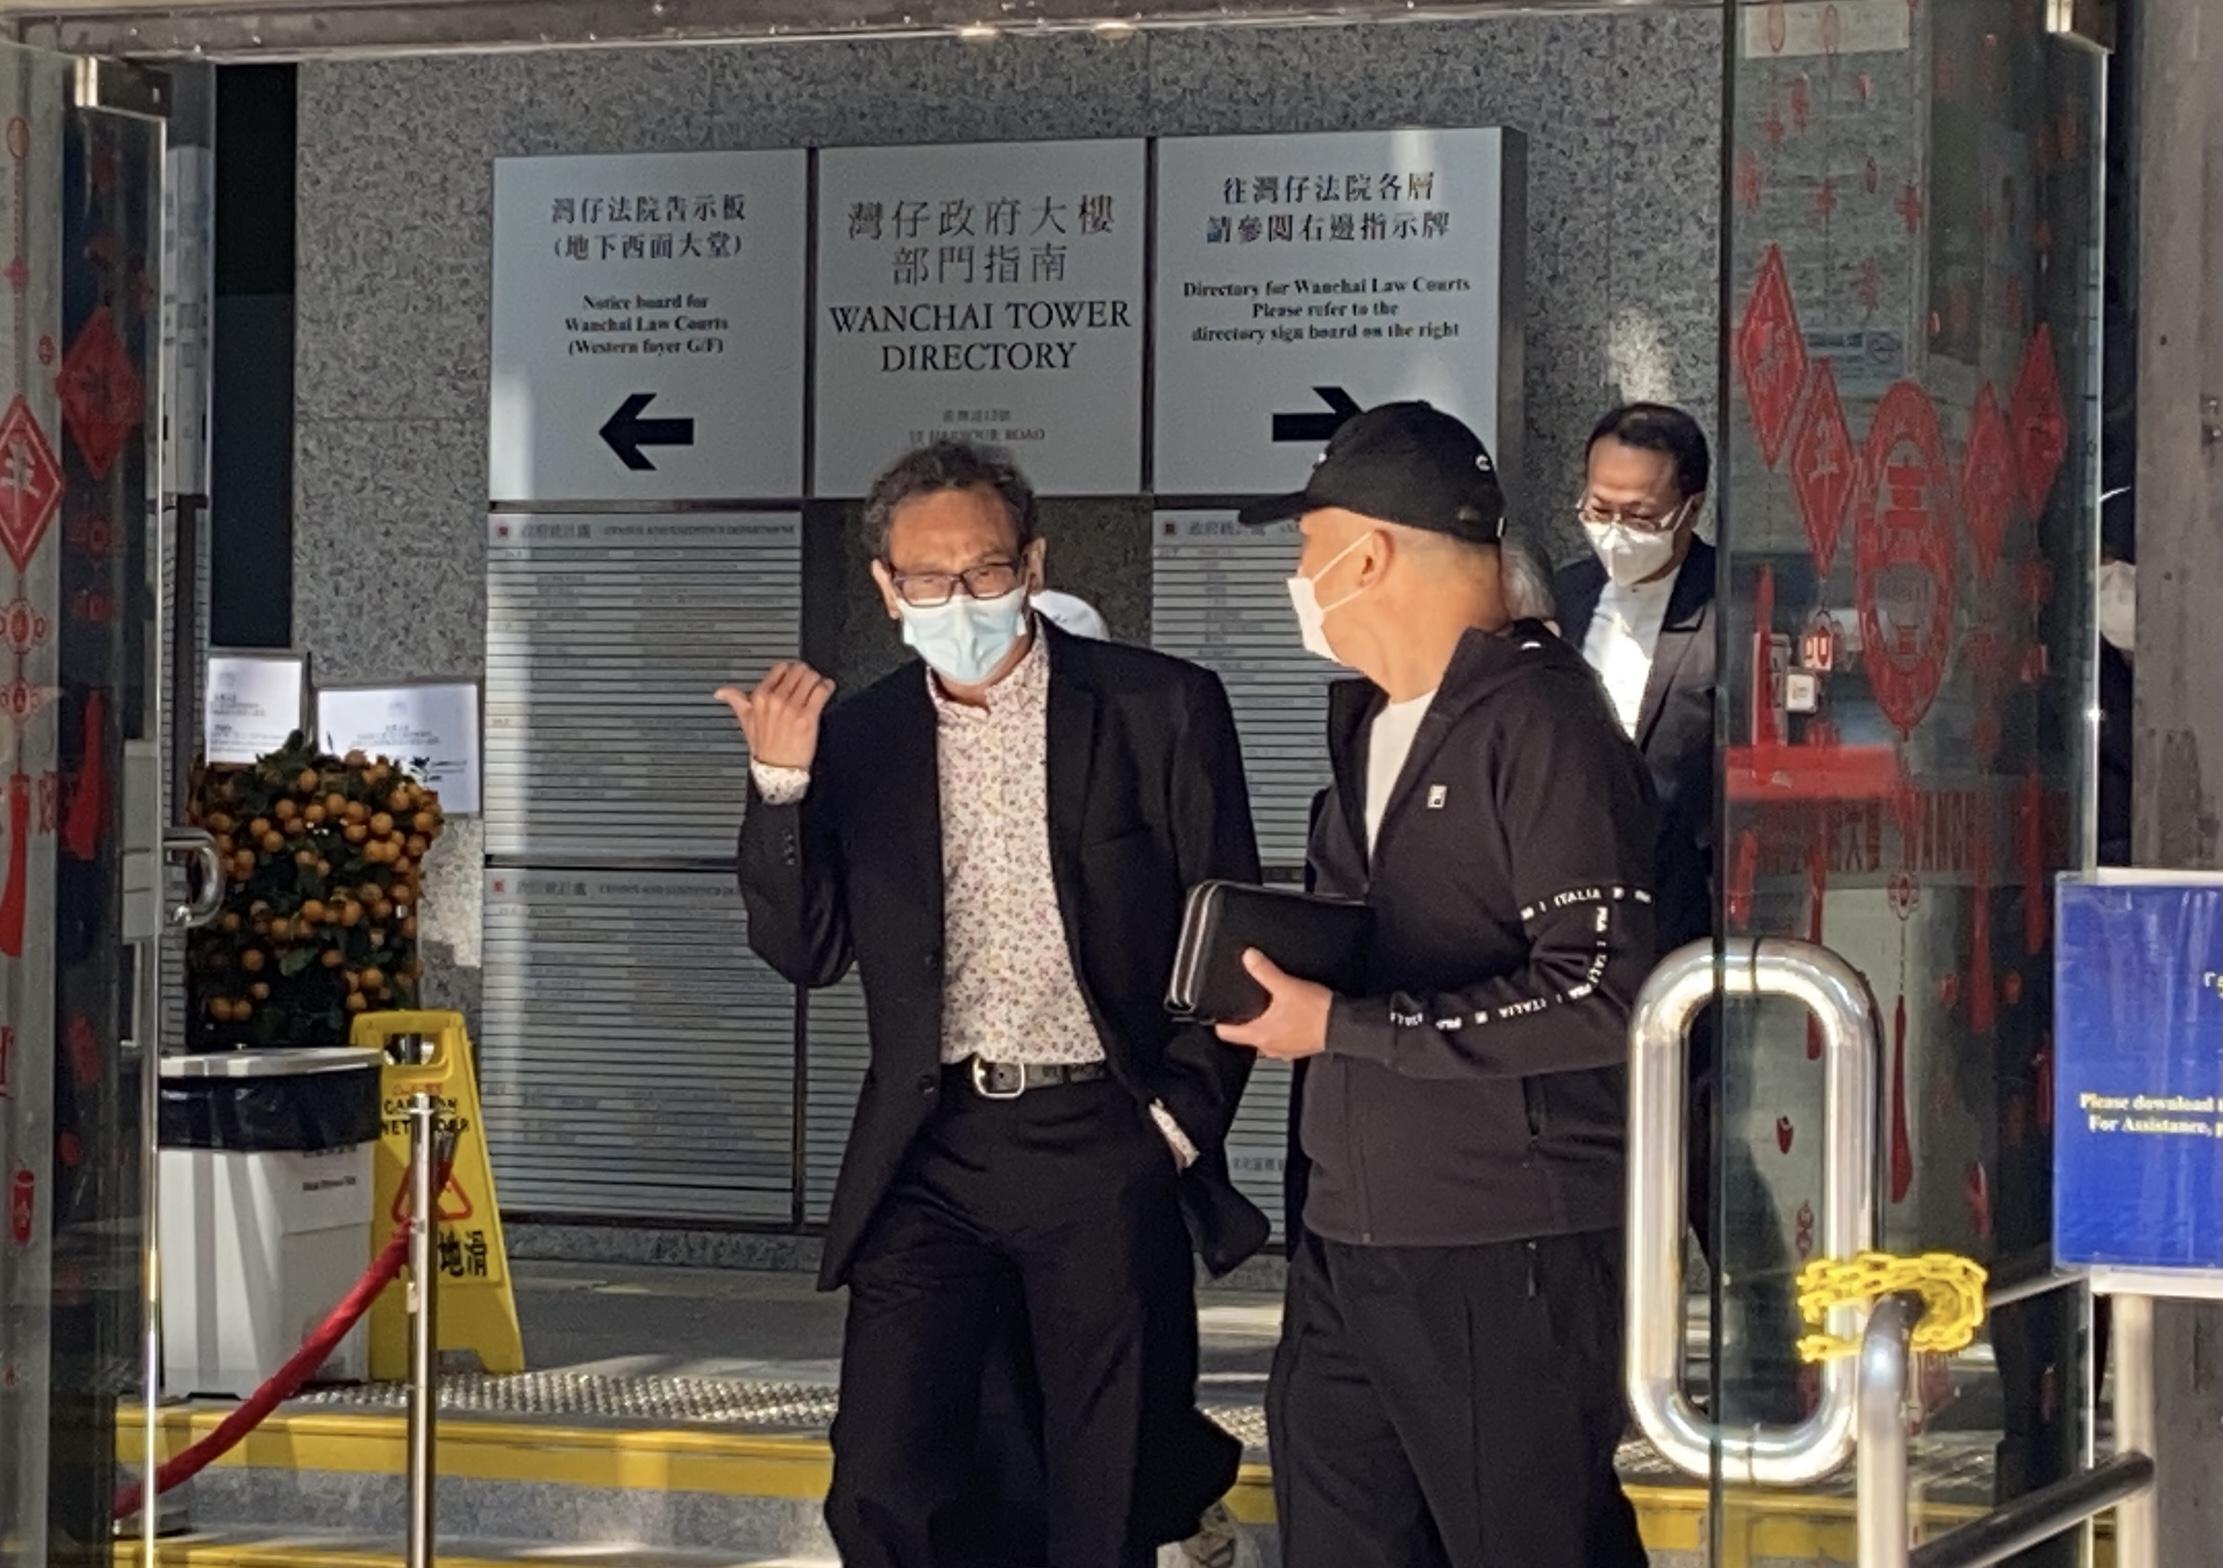 法官指被告邓怀琛是案中指挥角色,判囚7年。(资料图片 / 刘少风 摄)